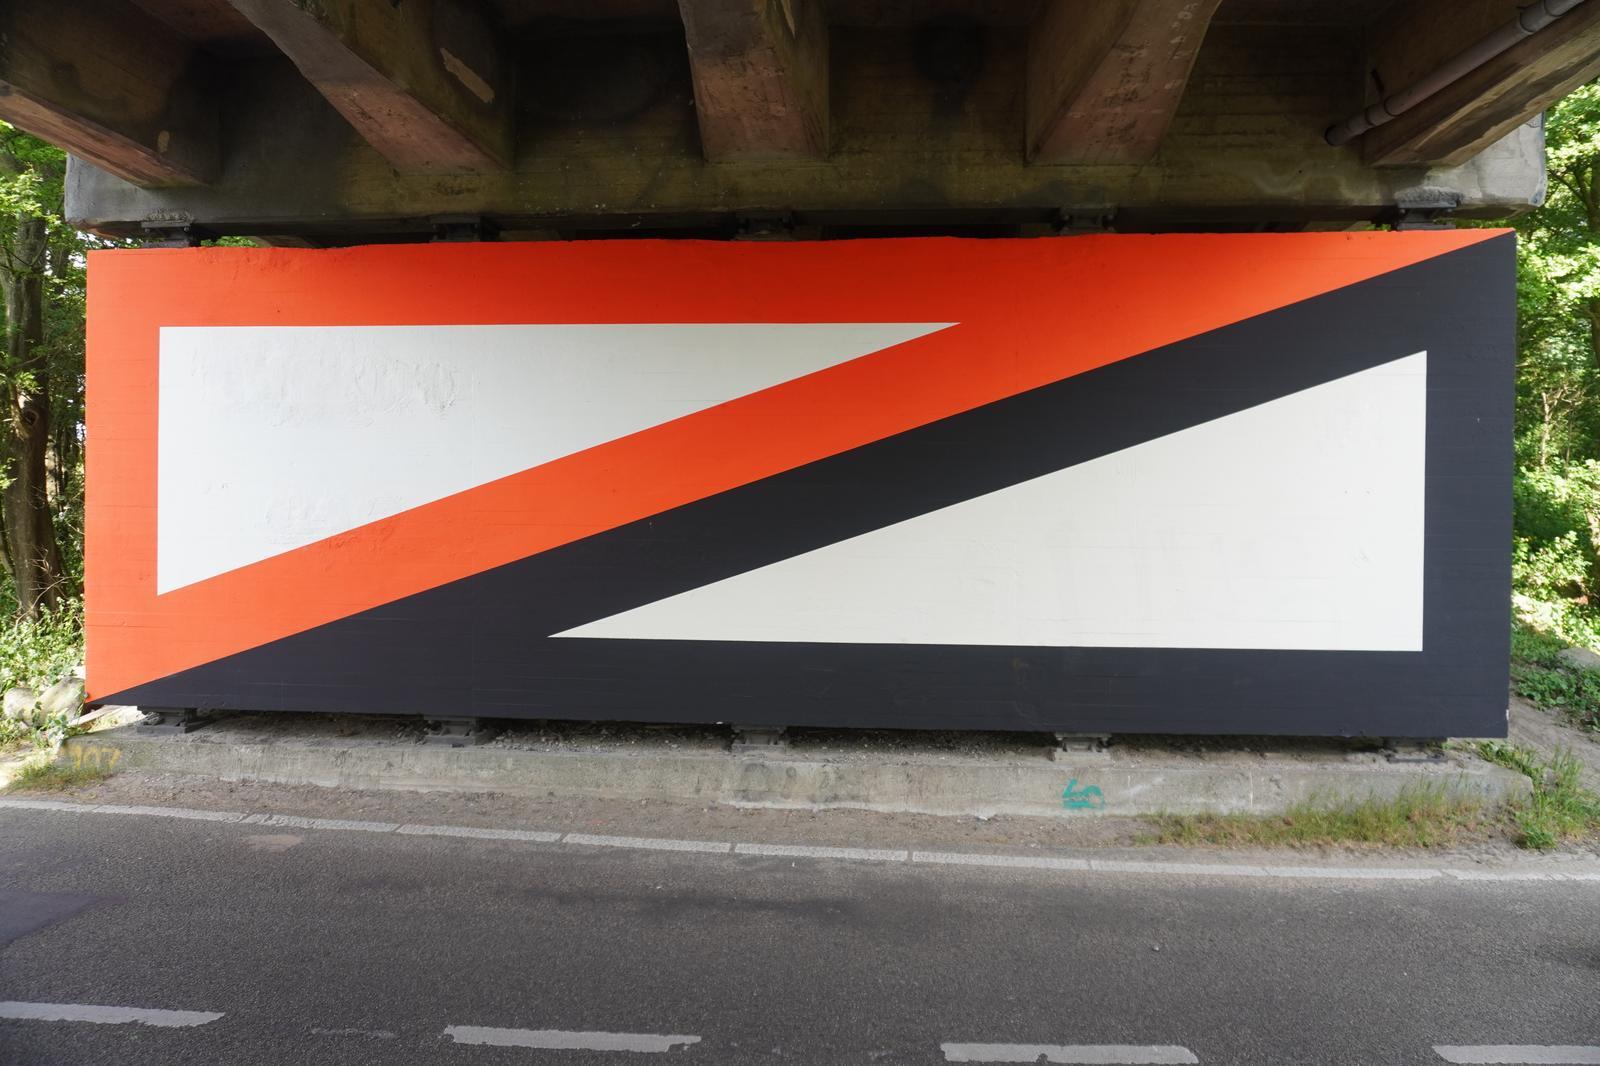 an van der Ploeg - Muurschildering nabij Nieuw & Meer